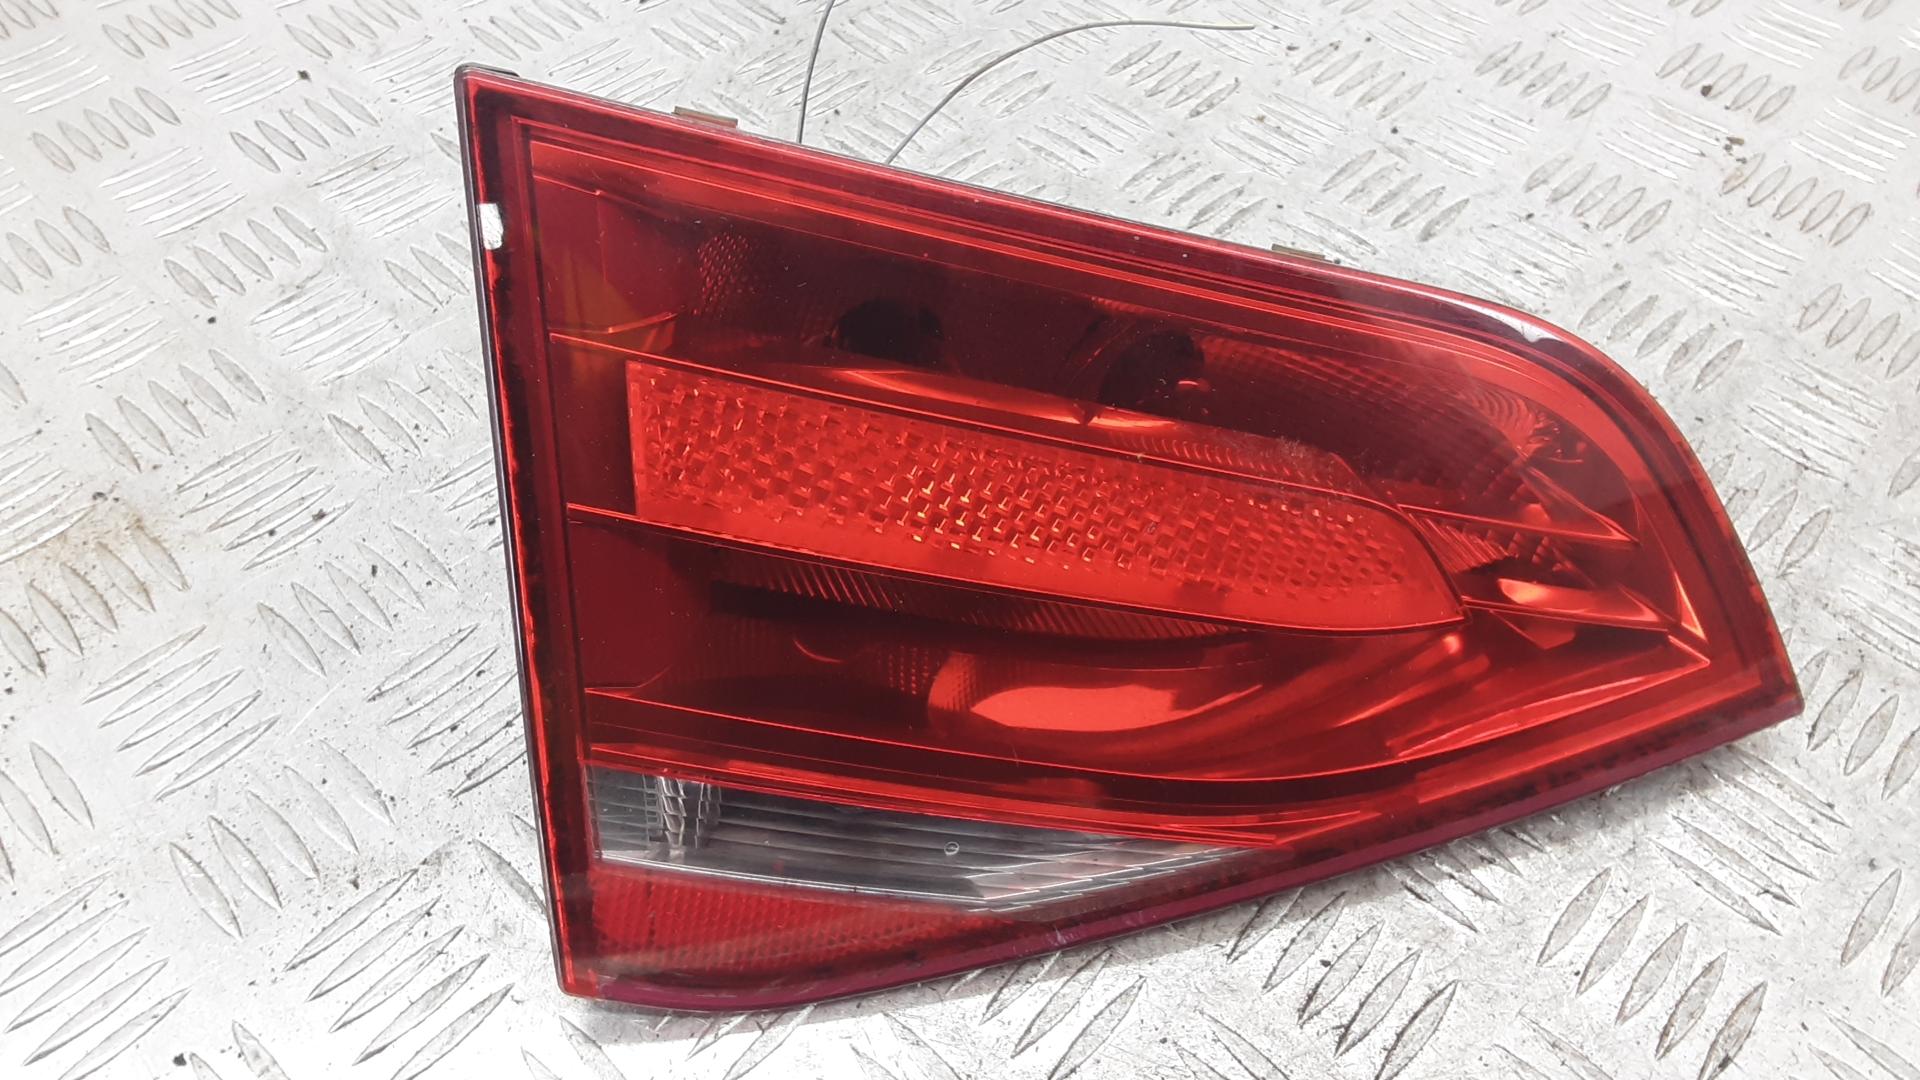 Фонарь левый крышки багажника, AUDI, A4 B8, 2008